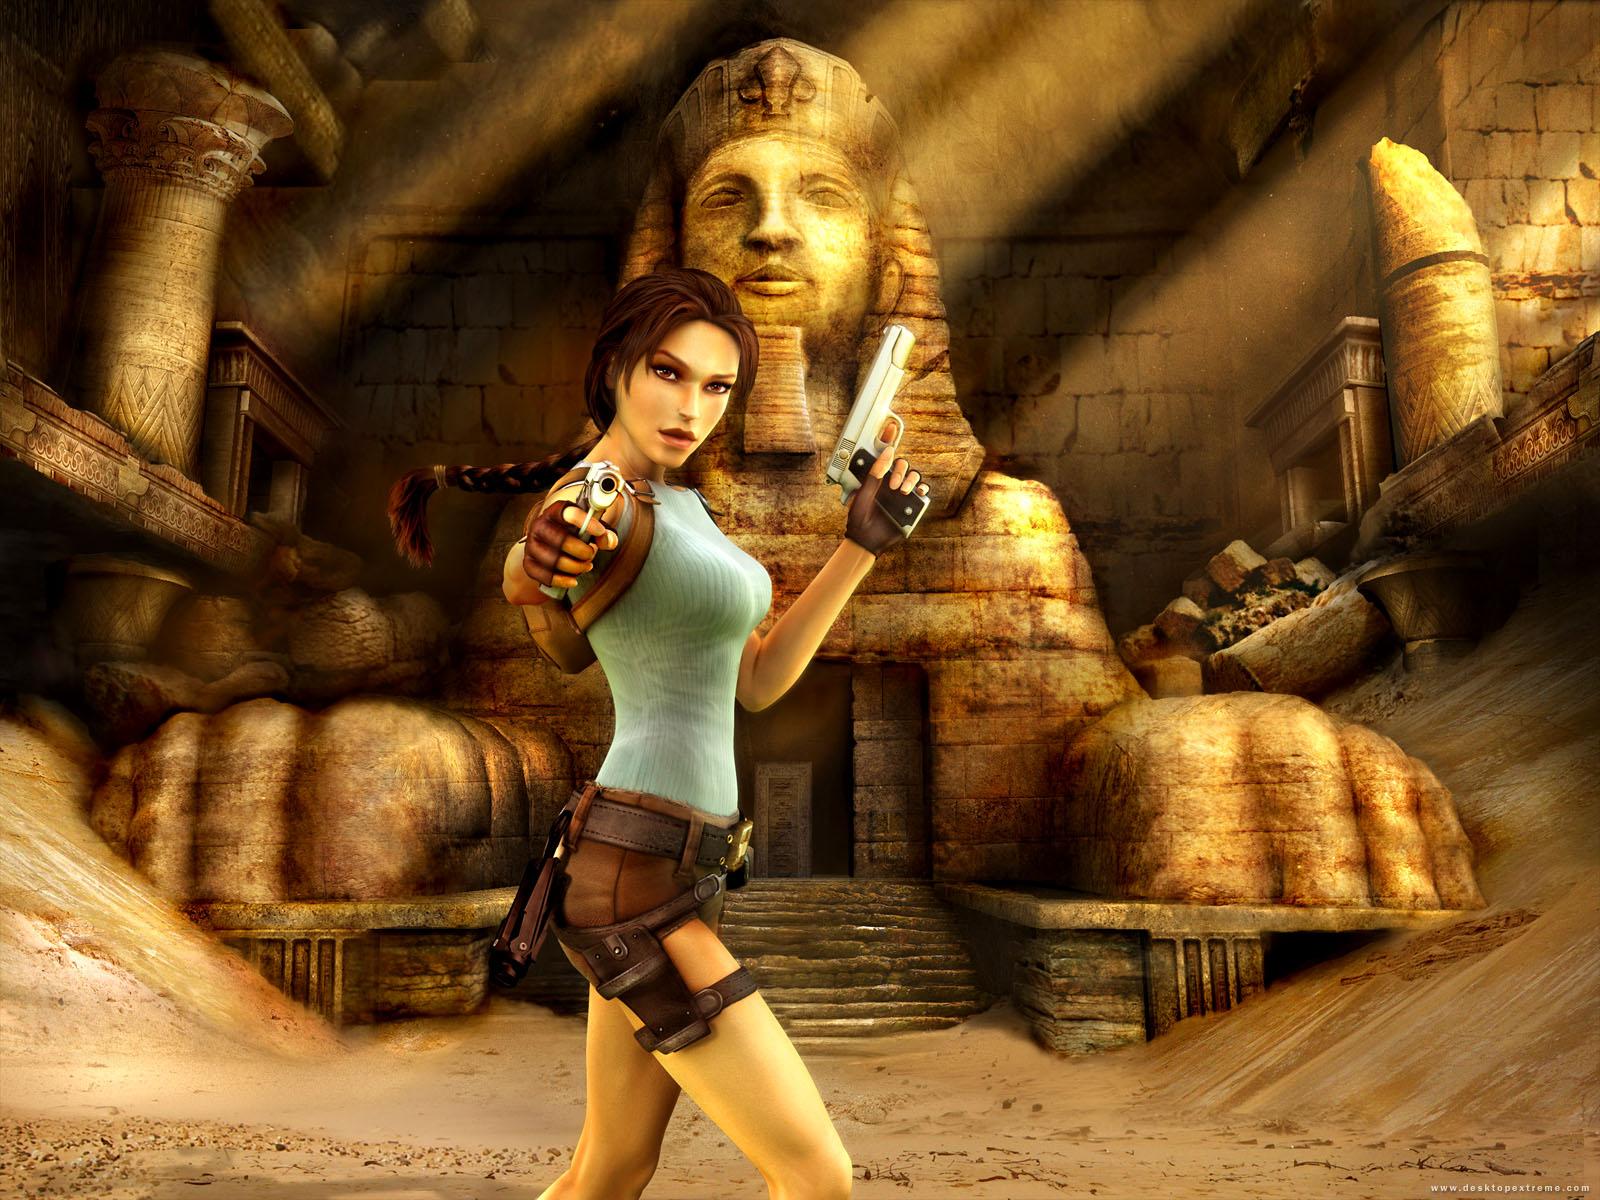 Tomb_Raider_Anniversary_49200724731PM712.jpg - Tomb Raider: Anniversary